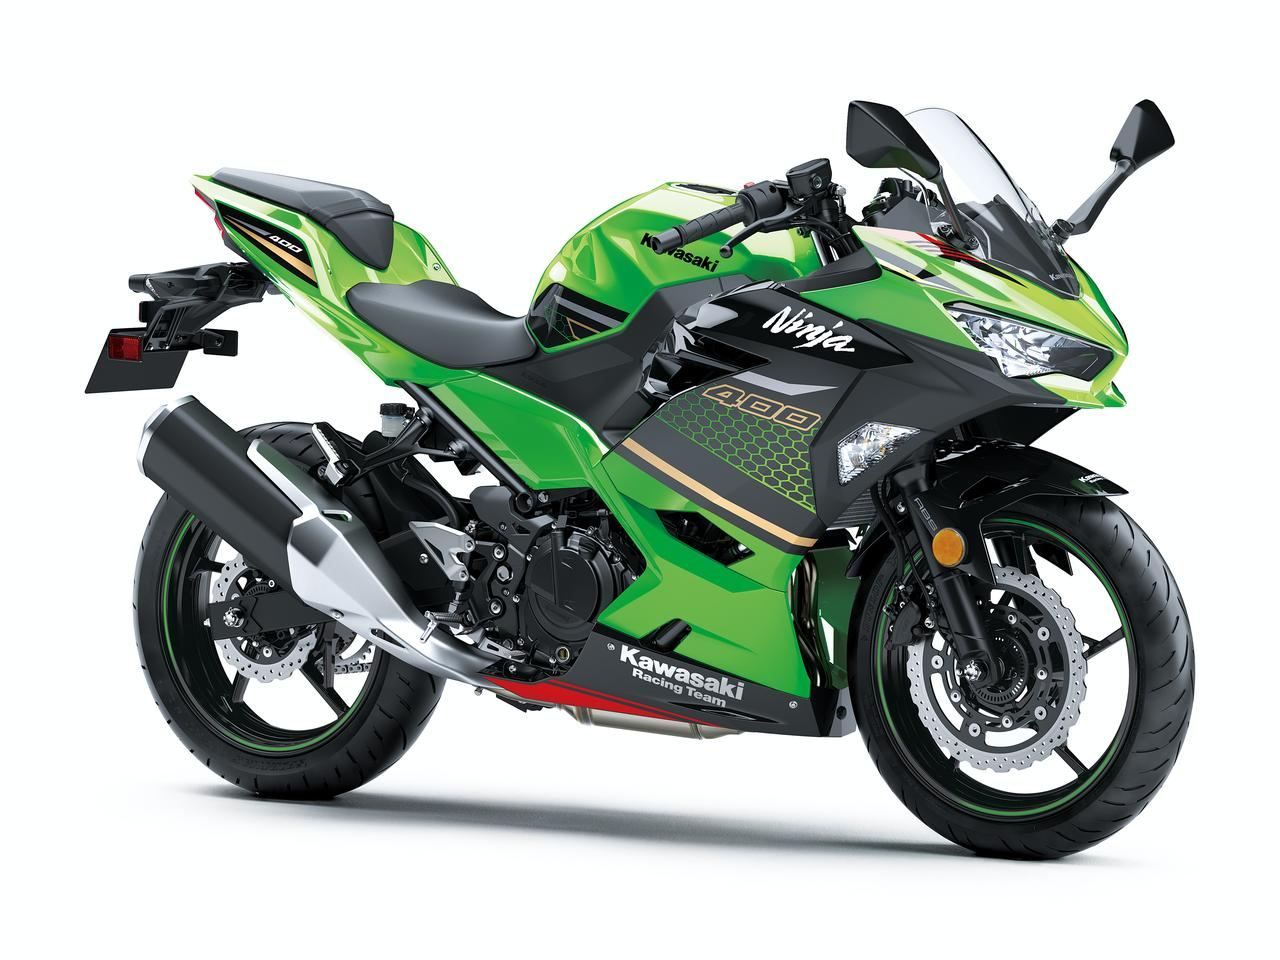 画像12: 【カワサキ】Ninja 400の2020年モデルは9月1日(日)発売開始! カラーバリエーション・アンケート実施中